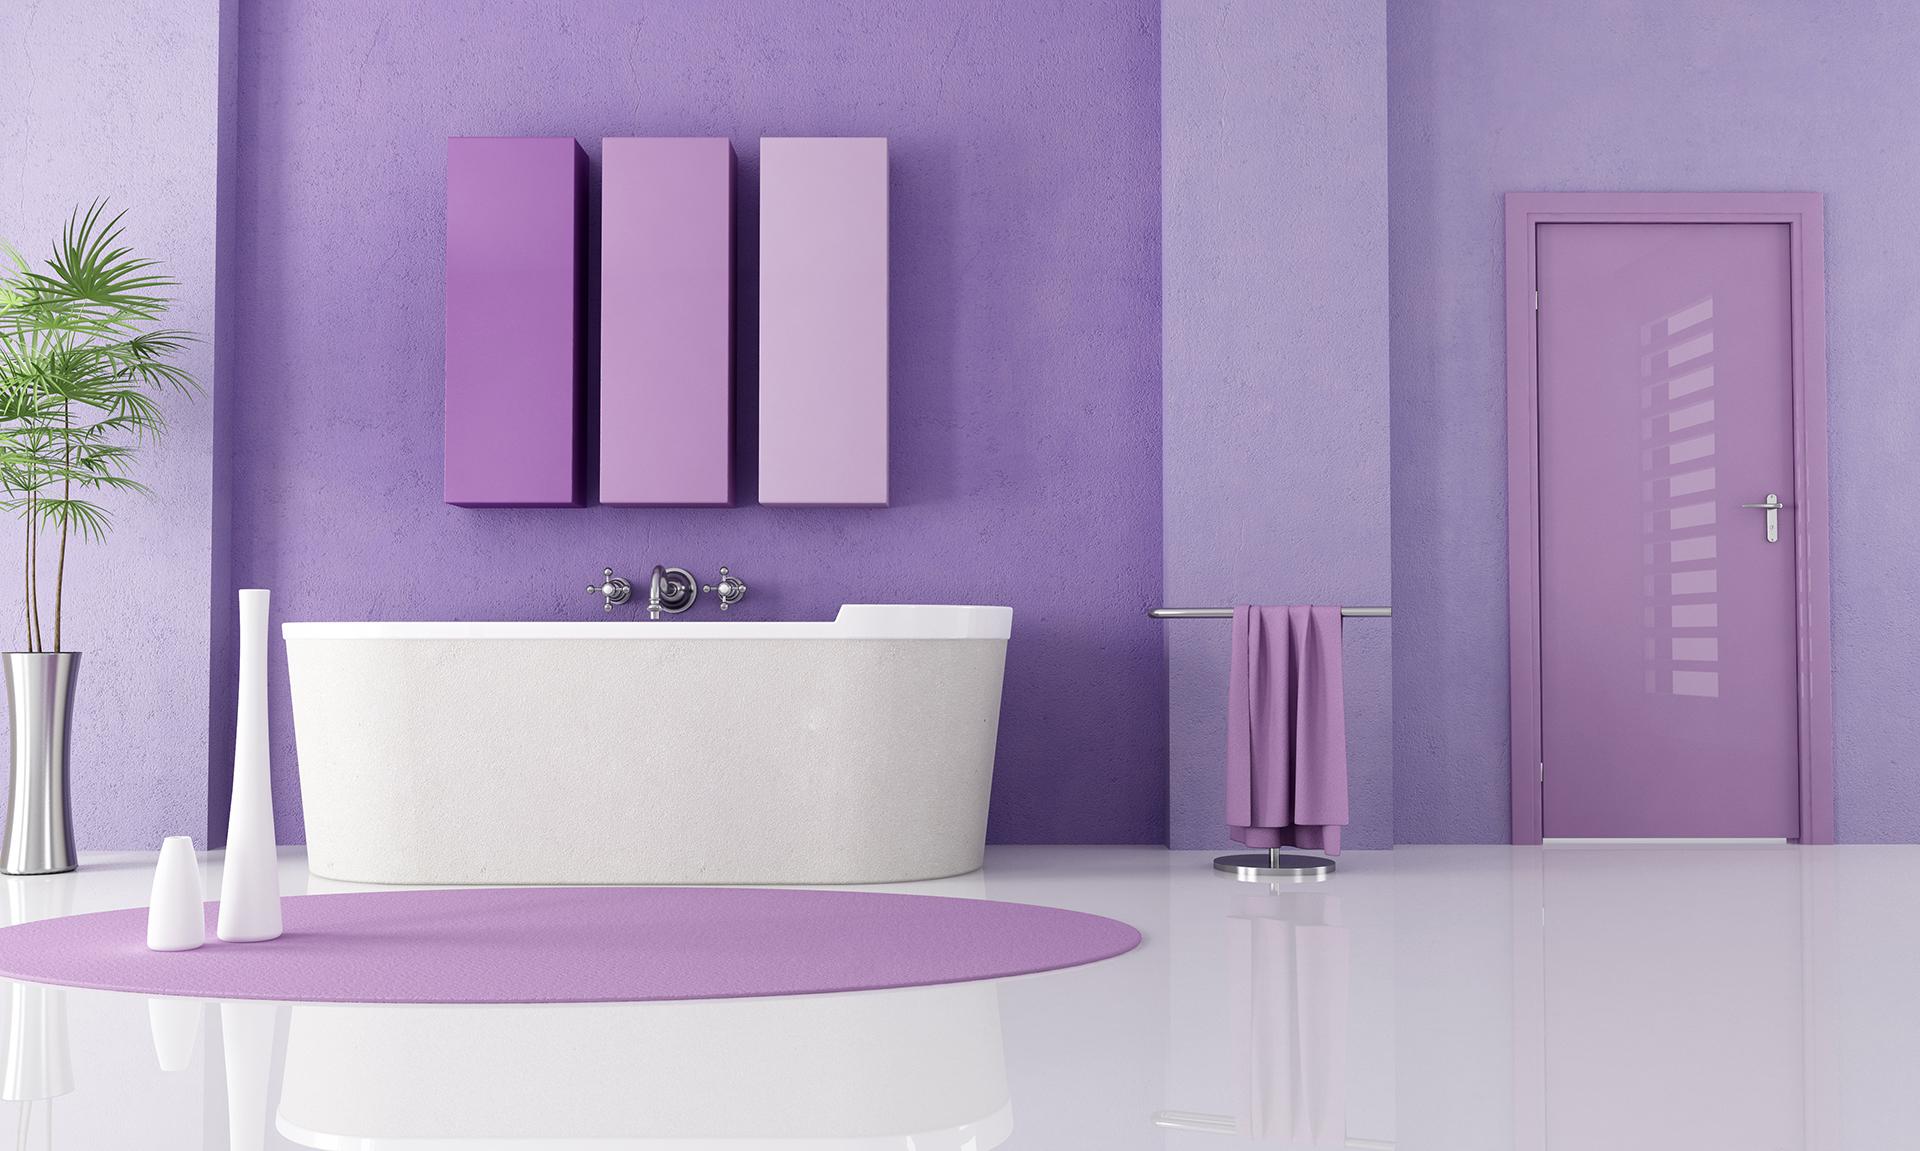 Производители предлагают многообразие цветовой палитры для ванной комнаты